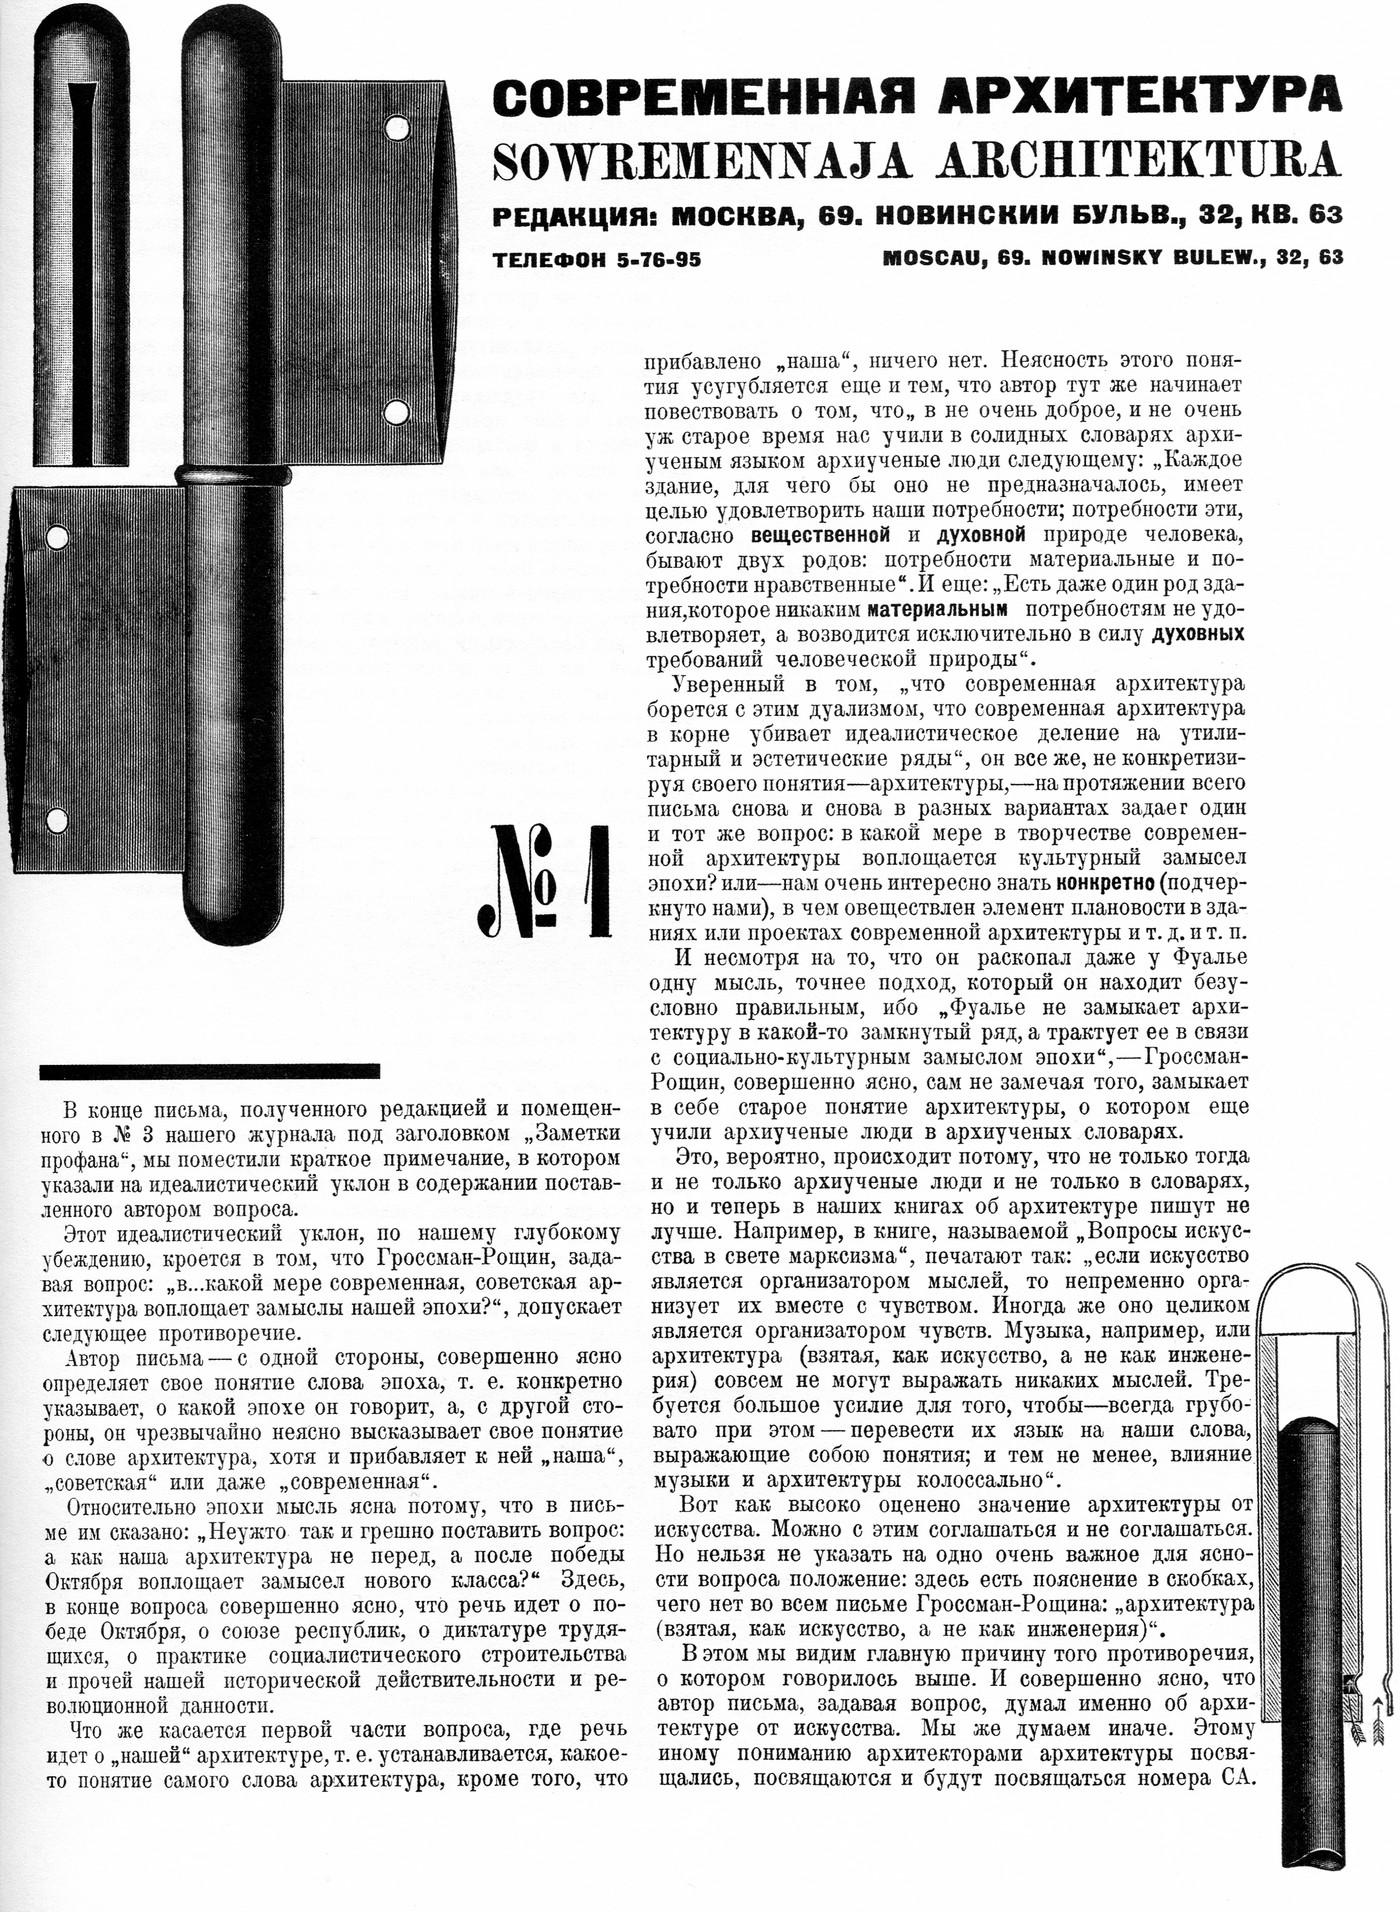 tehne.com-1927-1-005